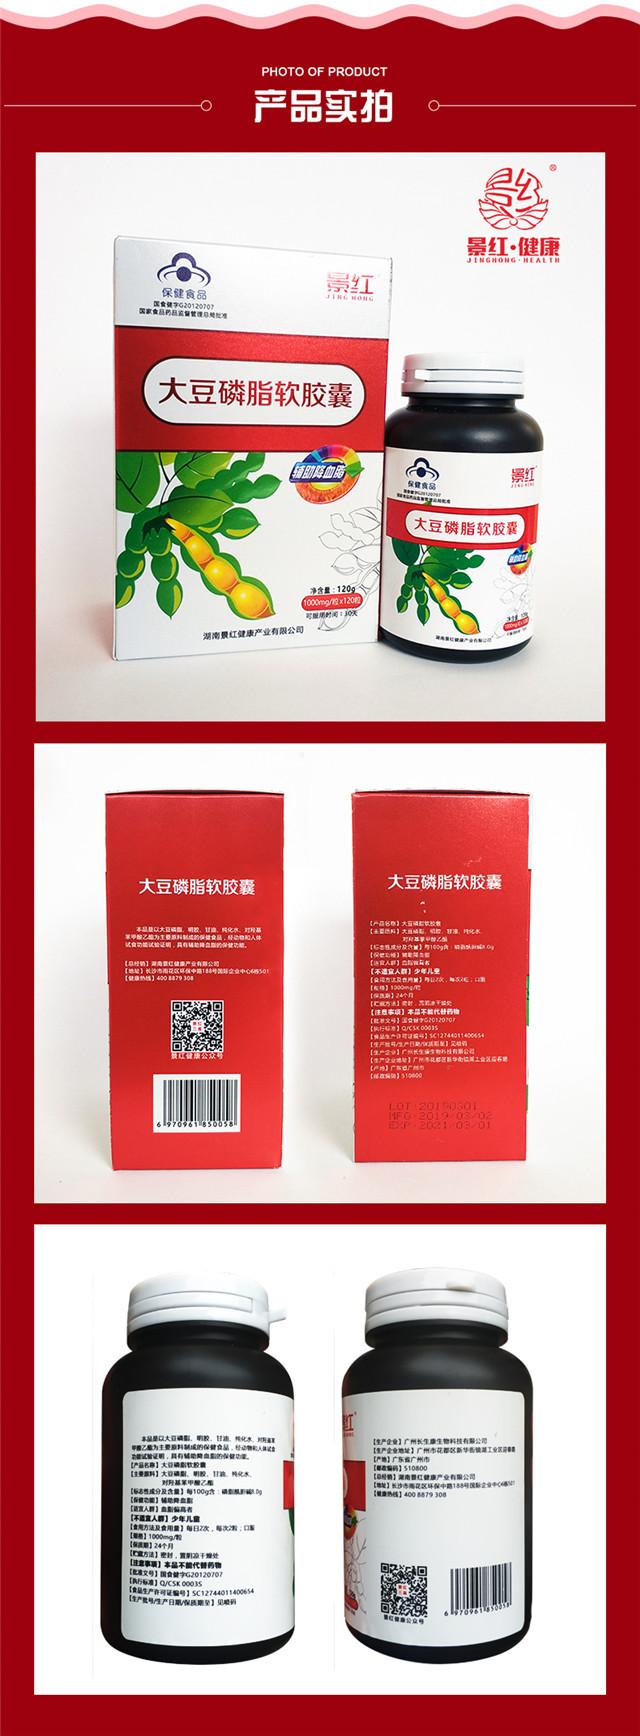 大豆磷脂软胶囊--详情页_04.jpg